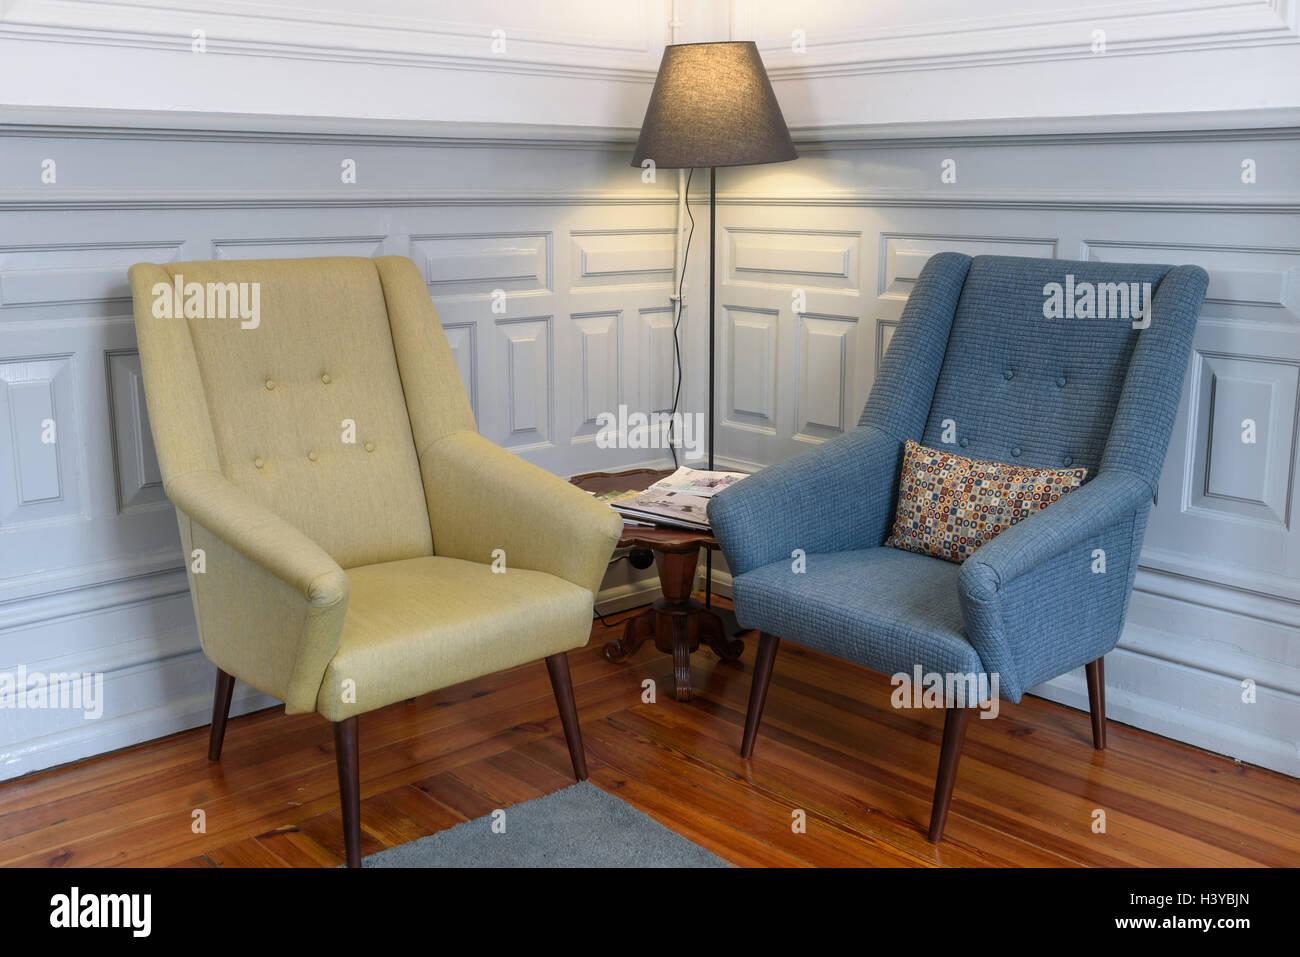 Zwei Sessel Und Eine Stehlampe Auf Eine Lese Ecke Stockfoto Bild